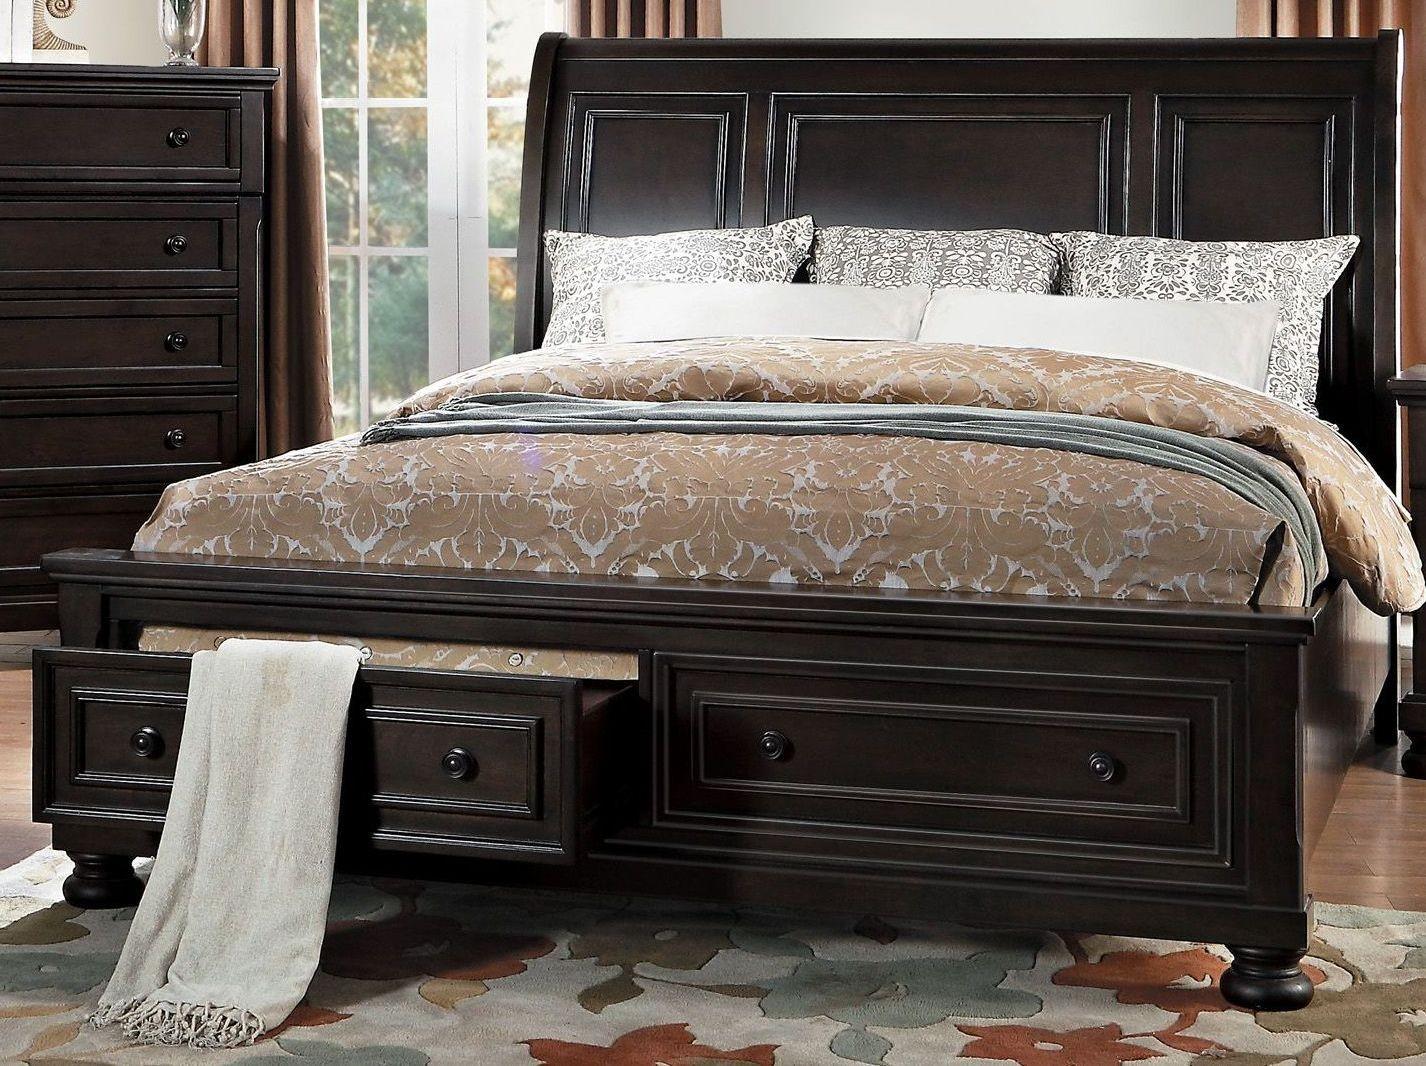 Homelegance Bedroom Set Reviews 4 Pc Homelegance Aviana Antique Grey Bedroom Set Chest Sold